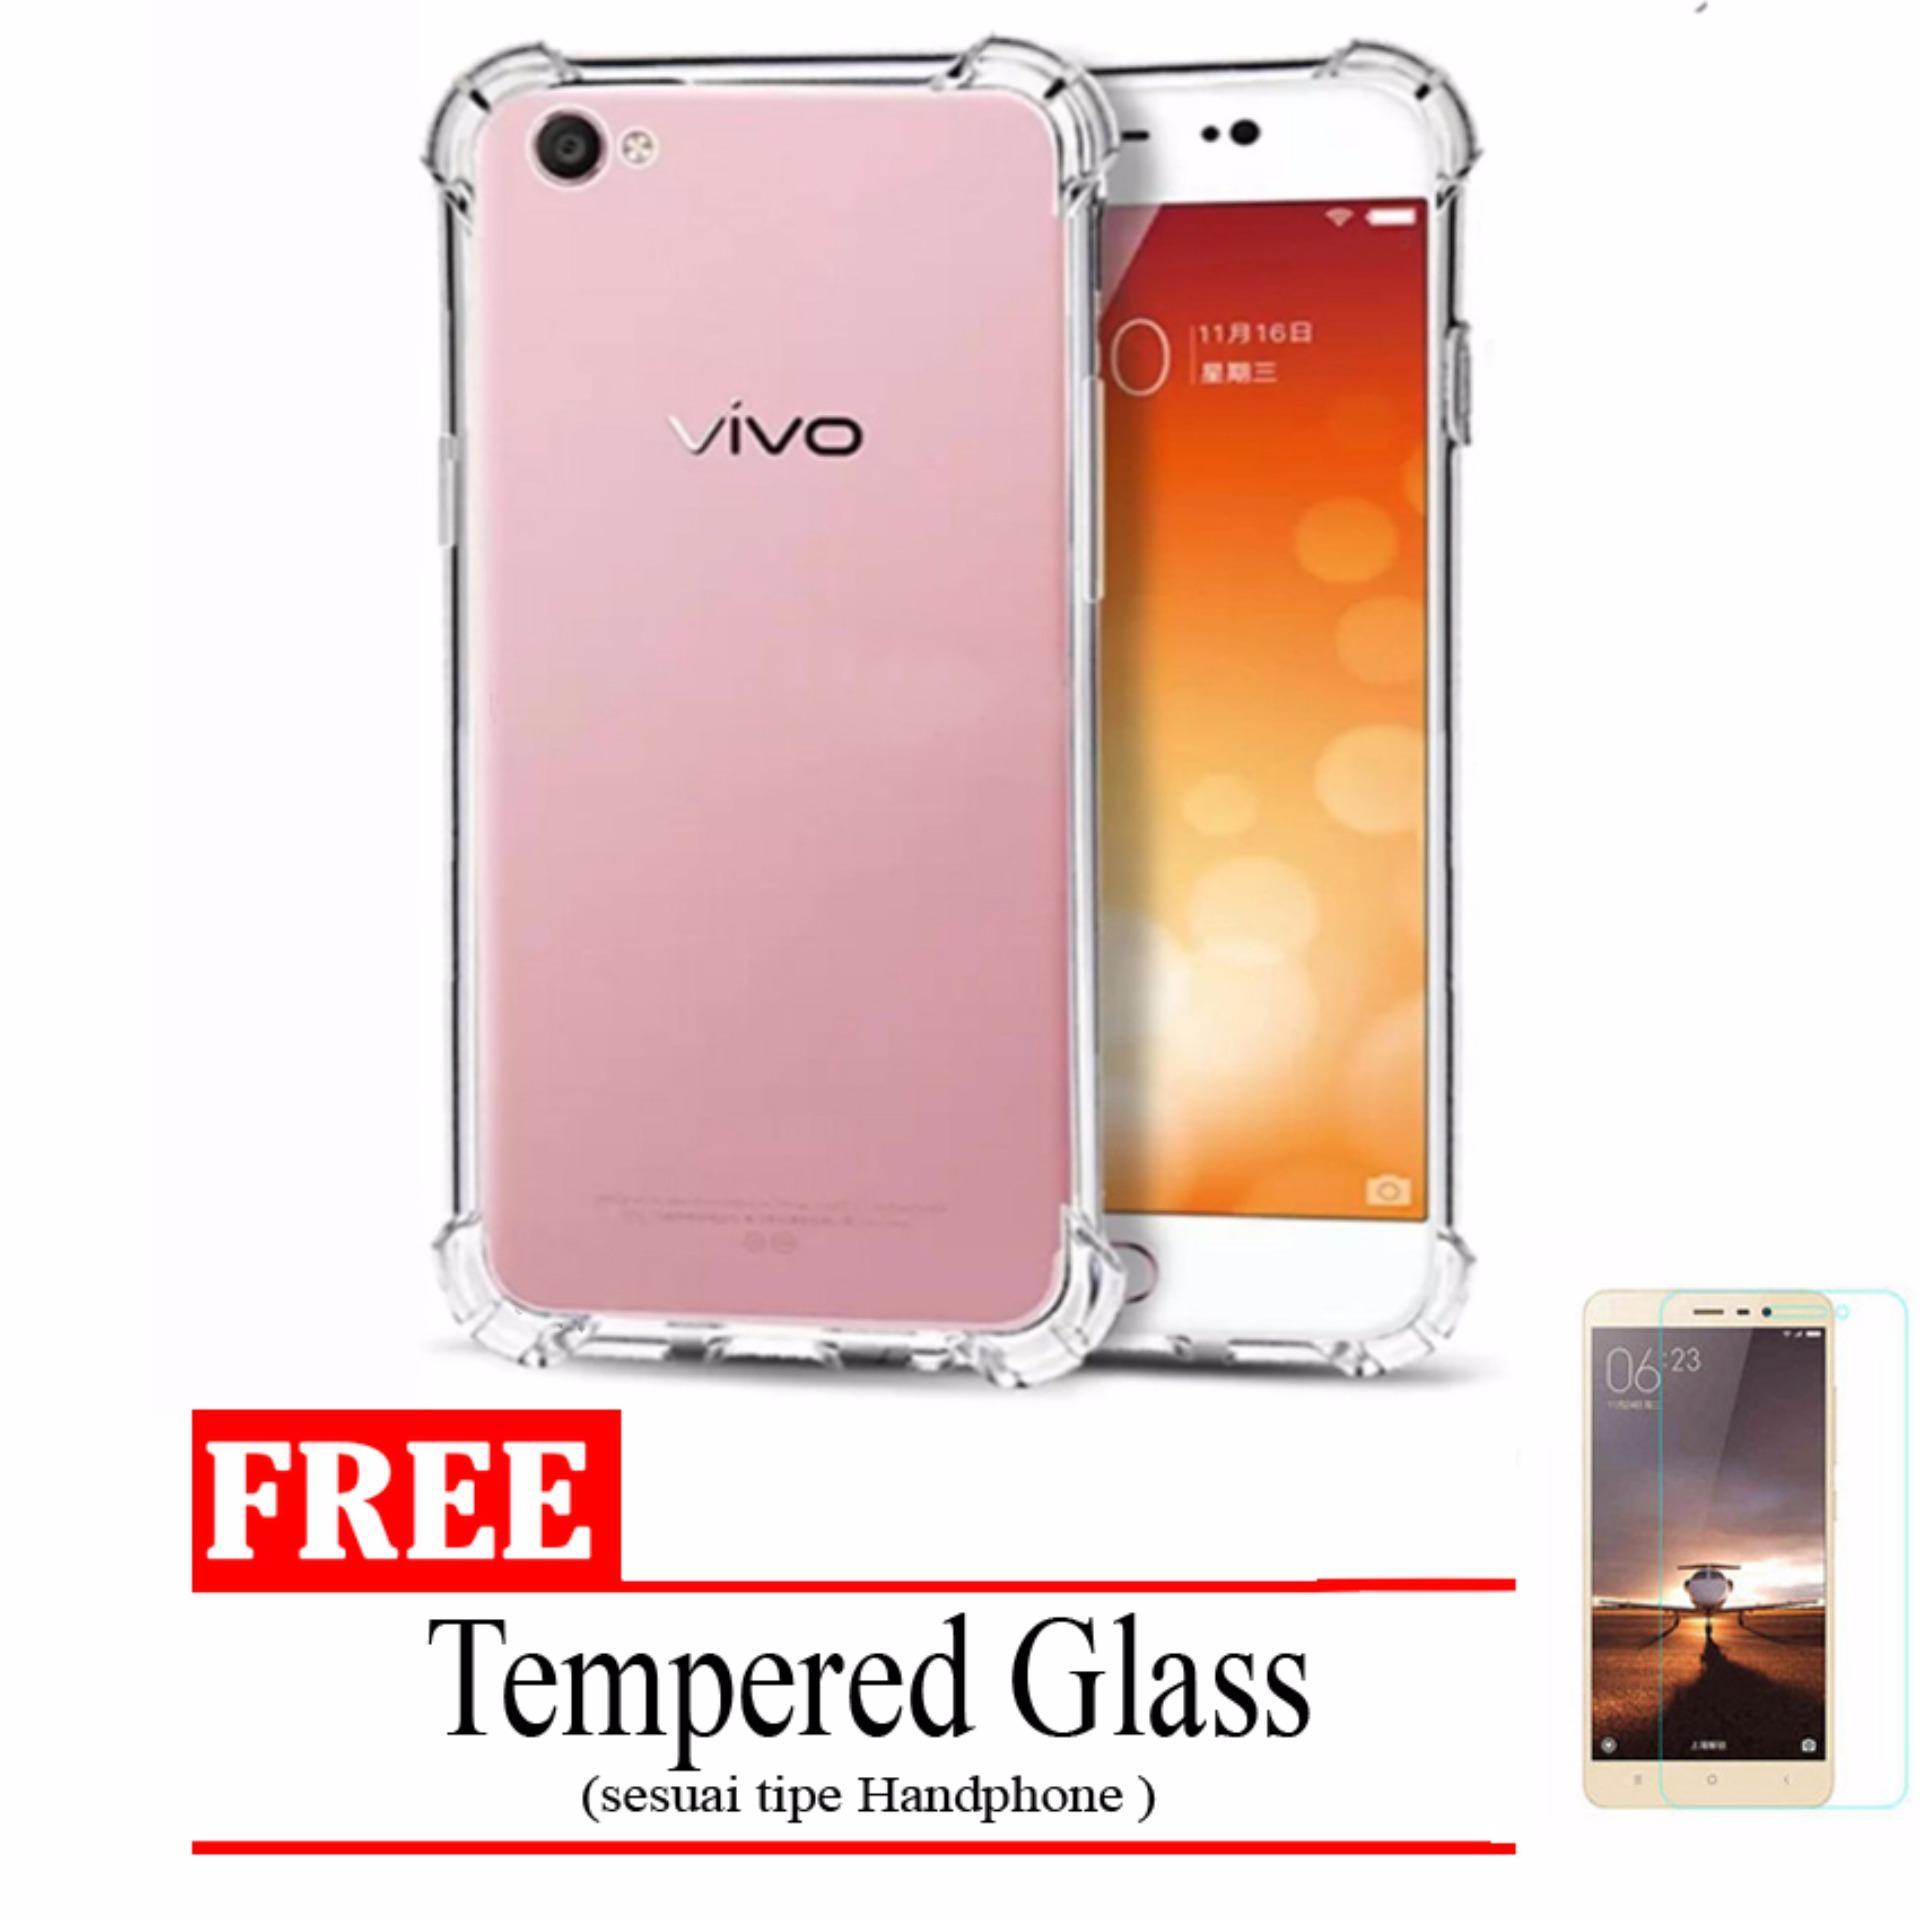 Case Original Anti Shock Crack For Vivo V3 Y53 Fuze Fyber Clear Y51 Putih Hot Deals Elegant Softcase